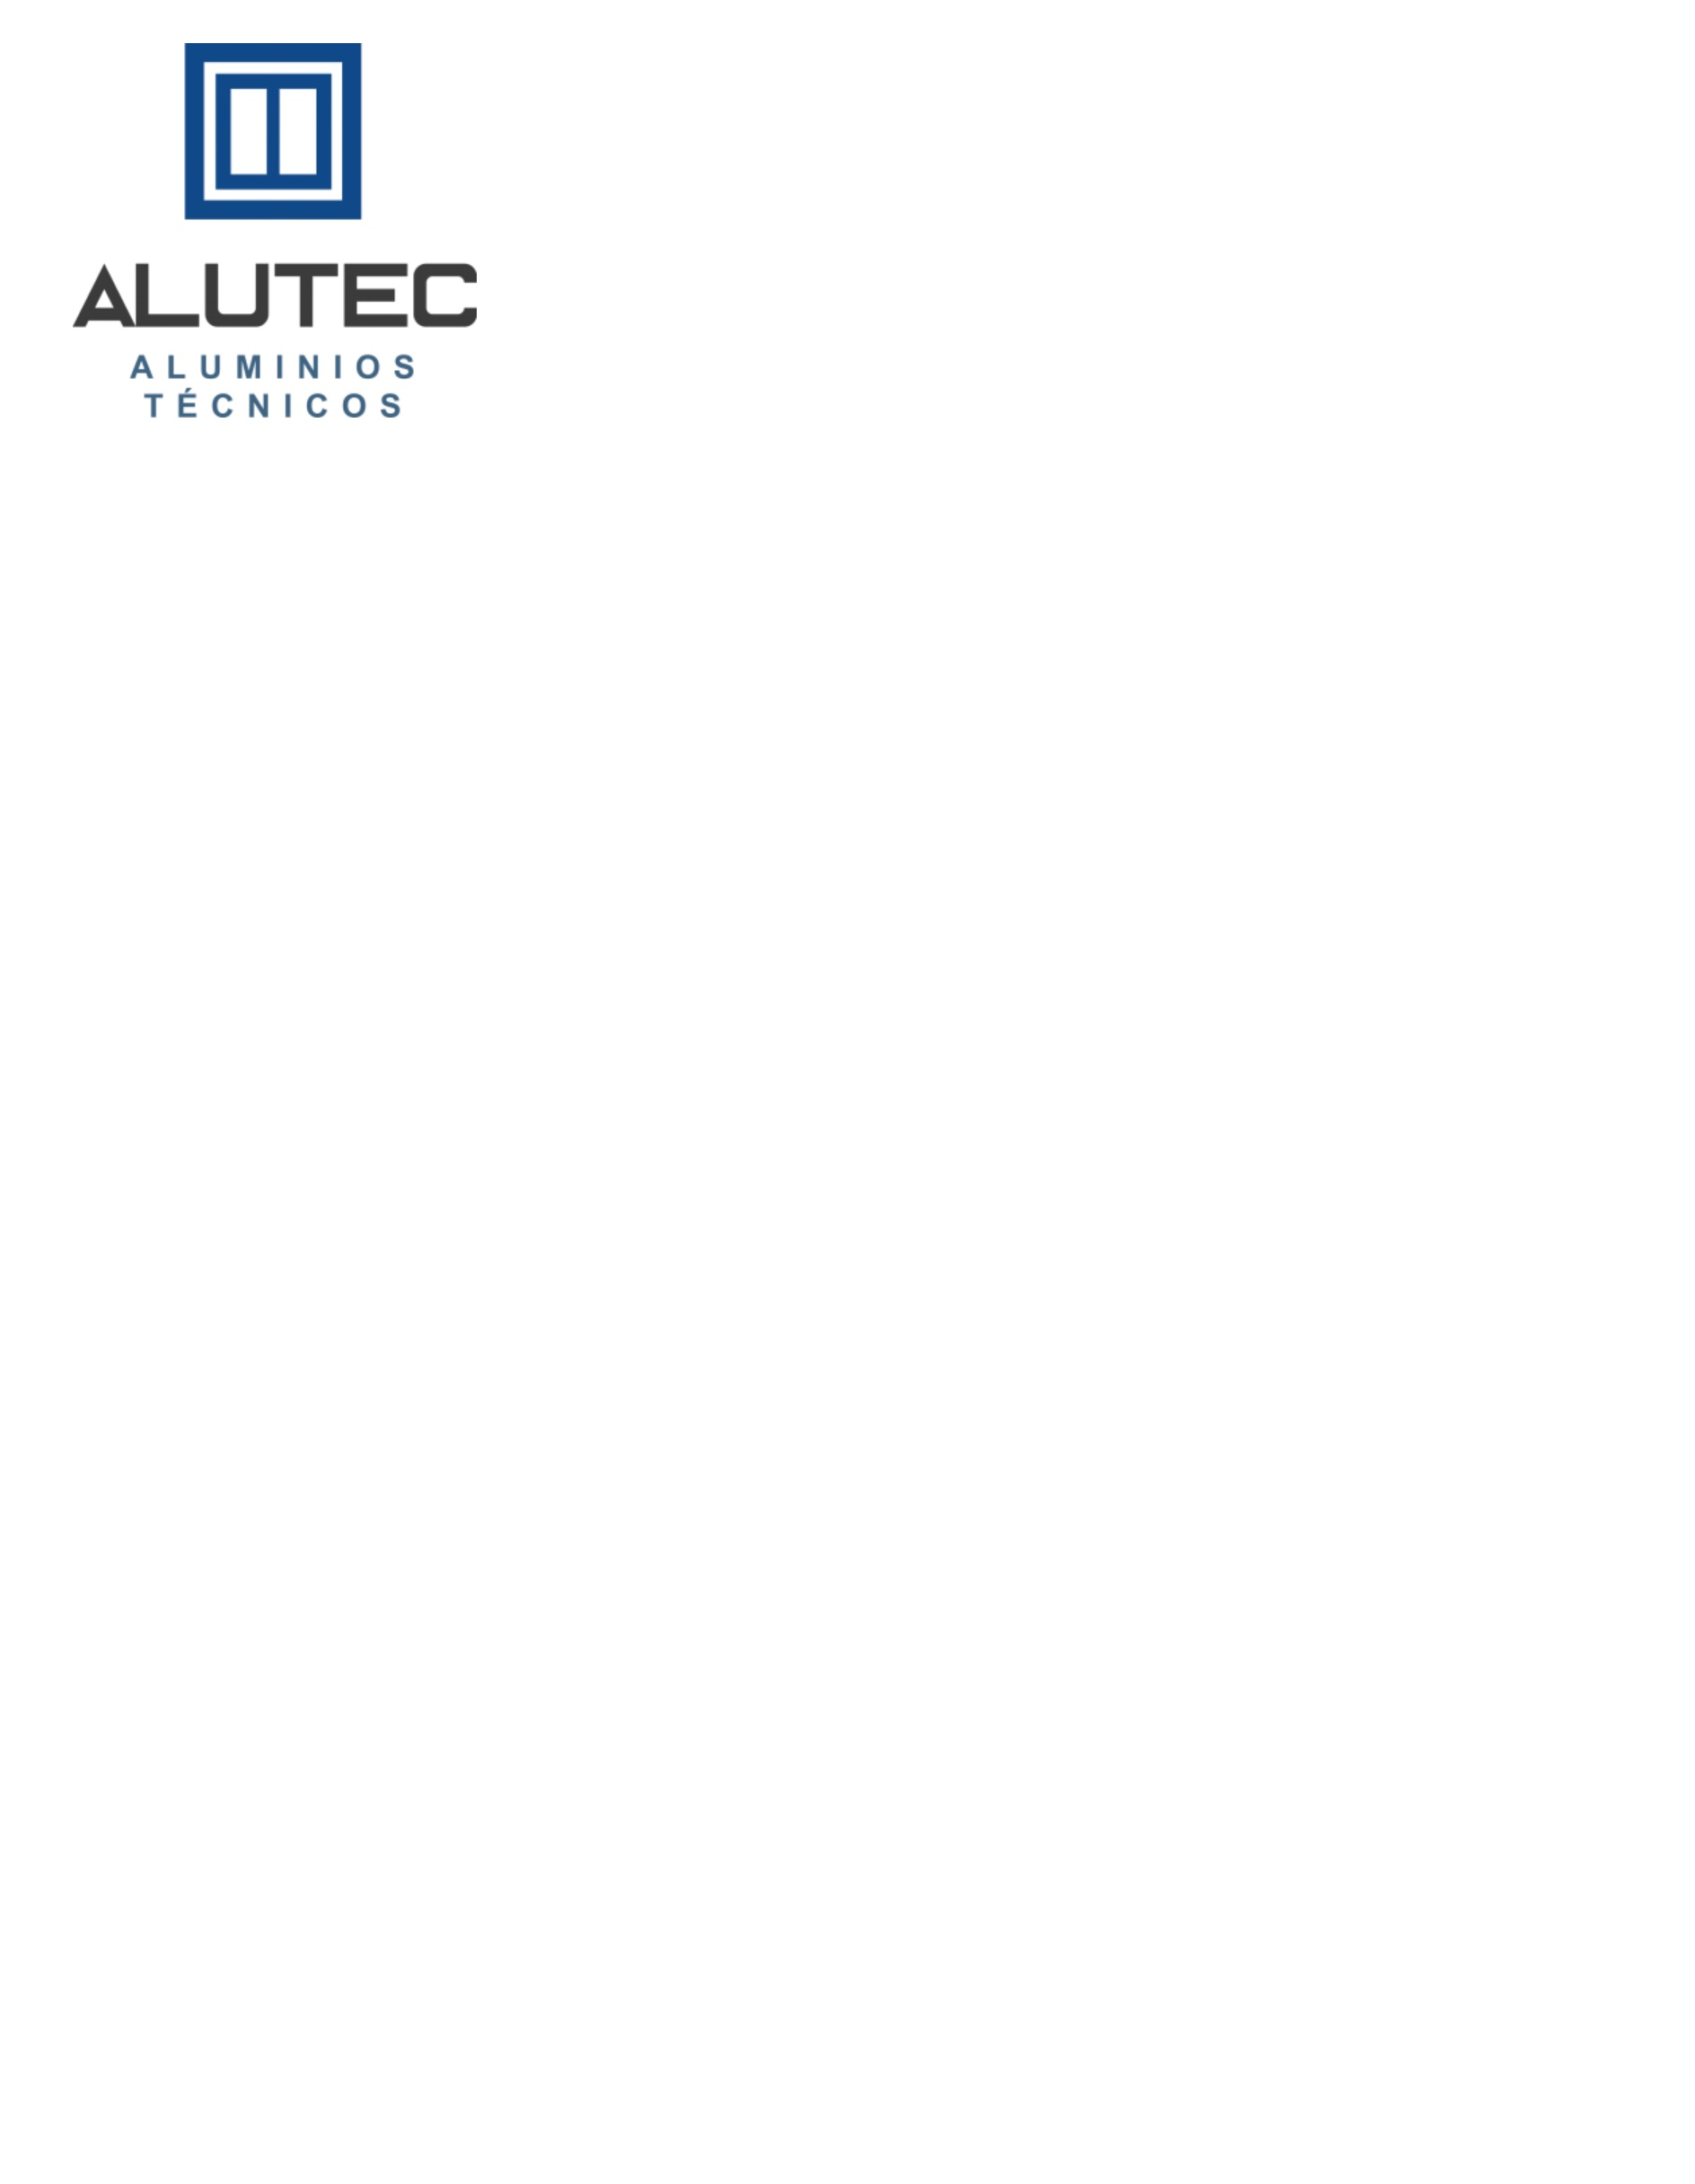 ALUTEC- Ventanas de aluminio Tecnico Schüco - Puertas Garaje Hormann - Pergolas Bioclimaticas